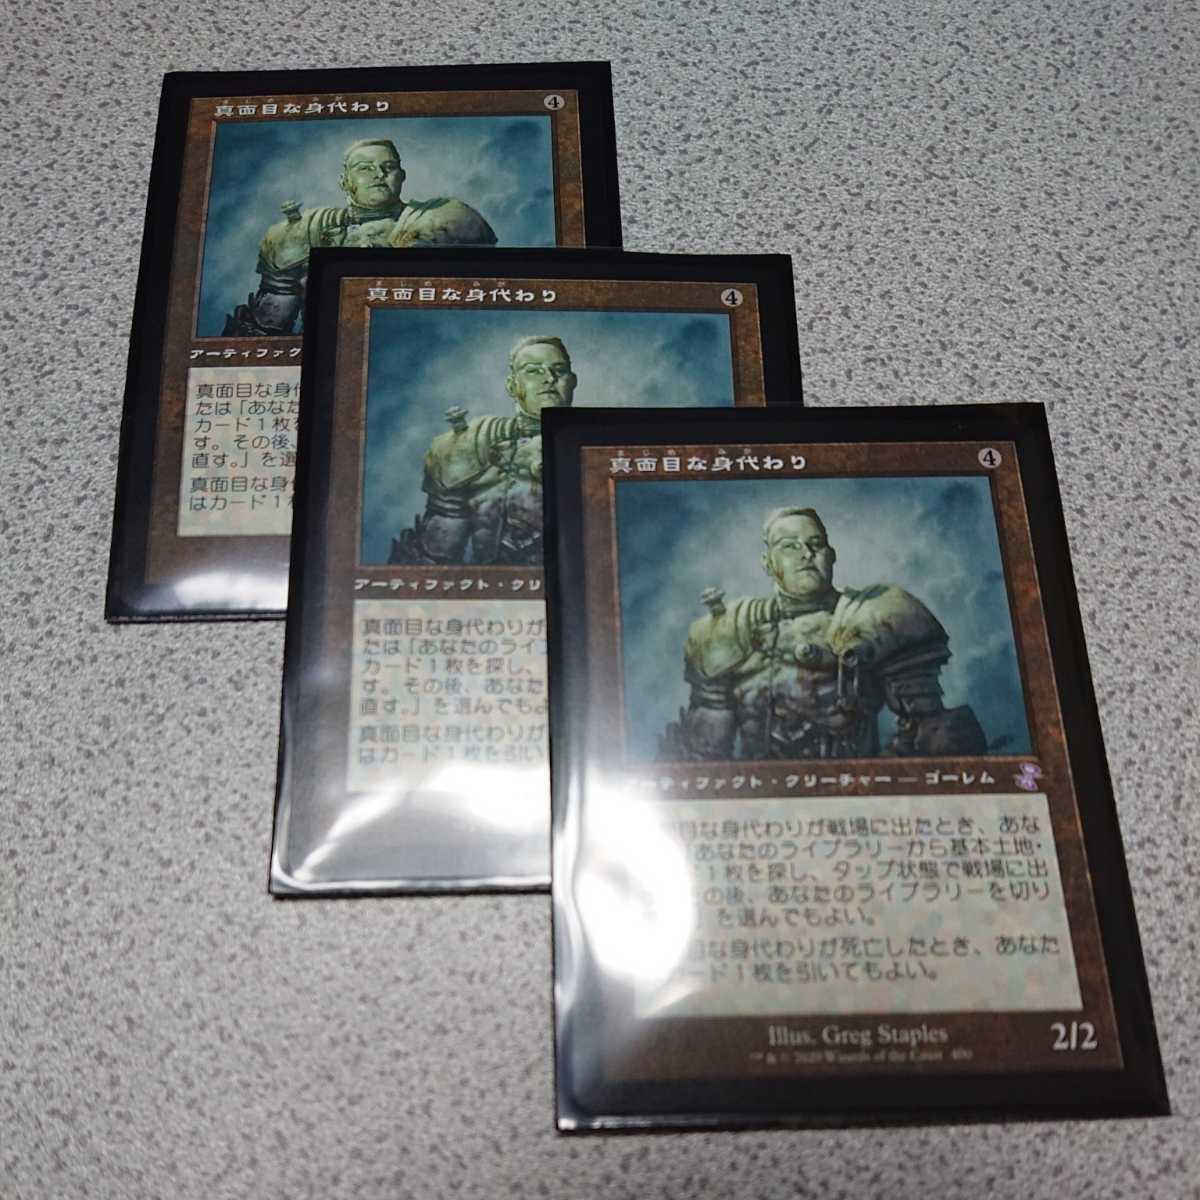 MTG TSR 真面目な身代わり 日本語 三枚セット 旧枠 時のらせんリマスター 即決_画像1